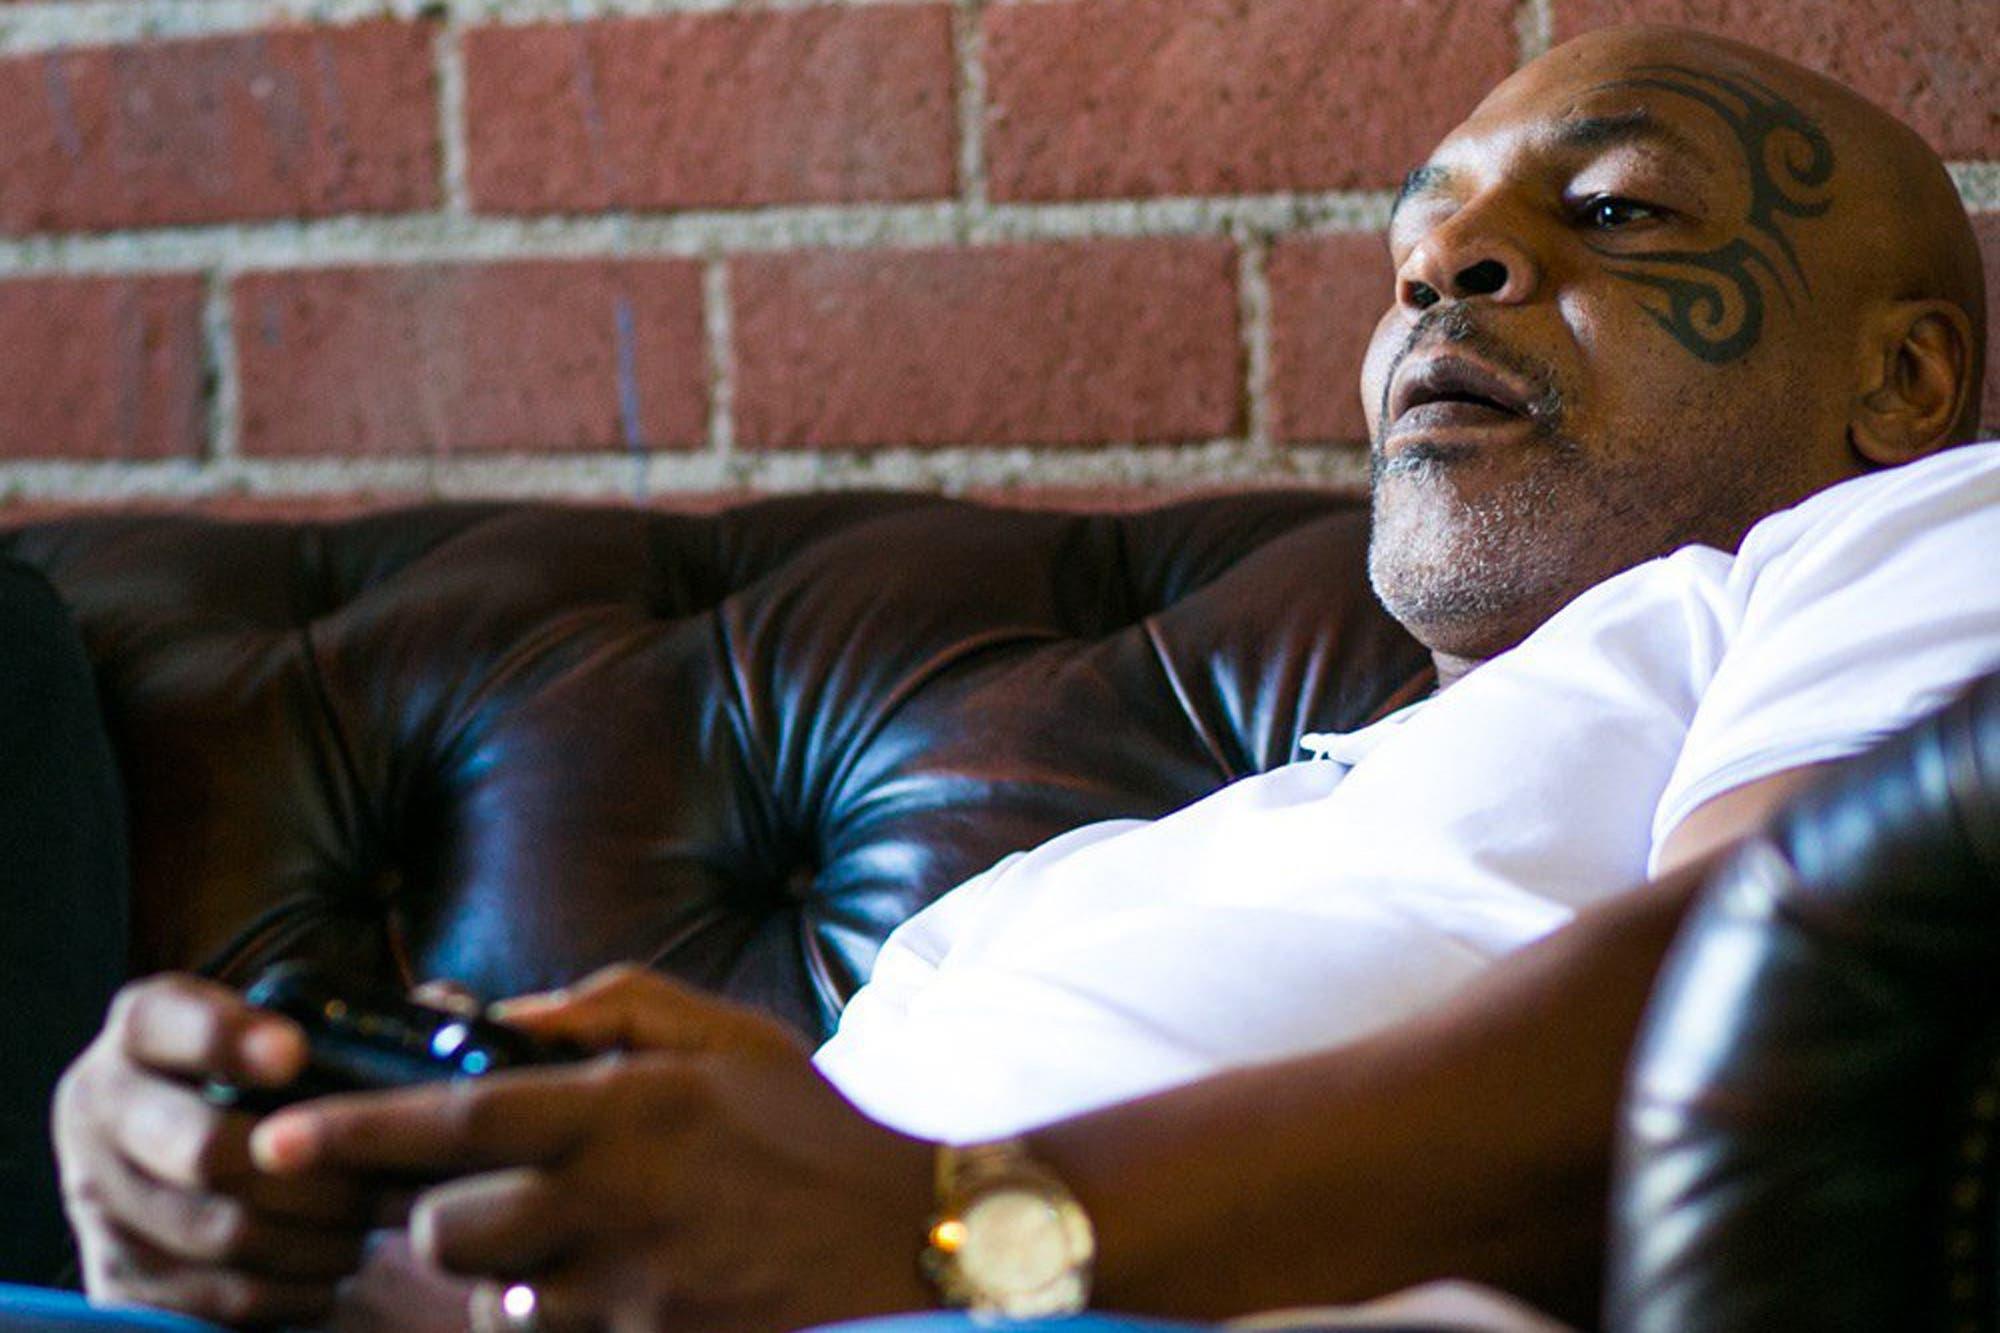 El primer entrenador de Mike Tyson contó cómo fue su primer encuentro con el excampeón del mundo